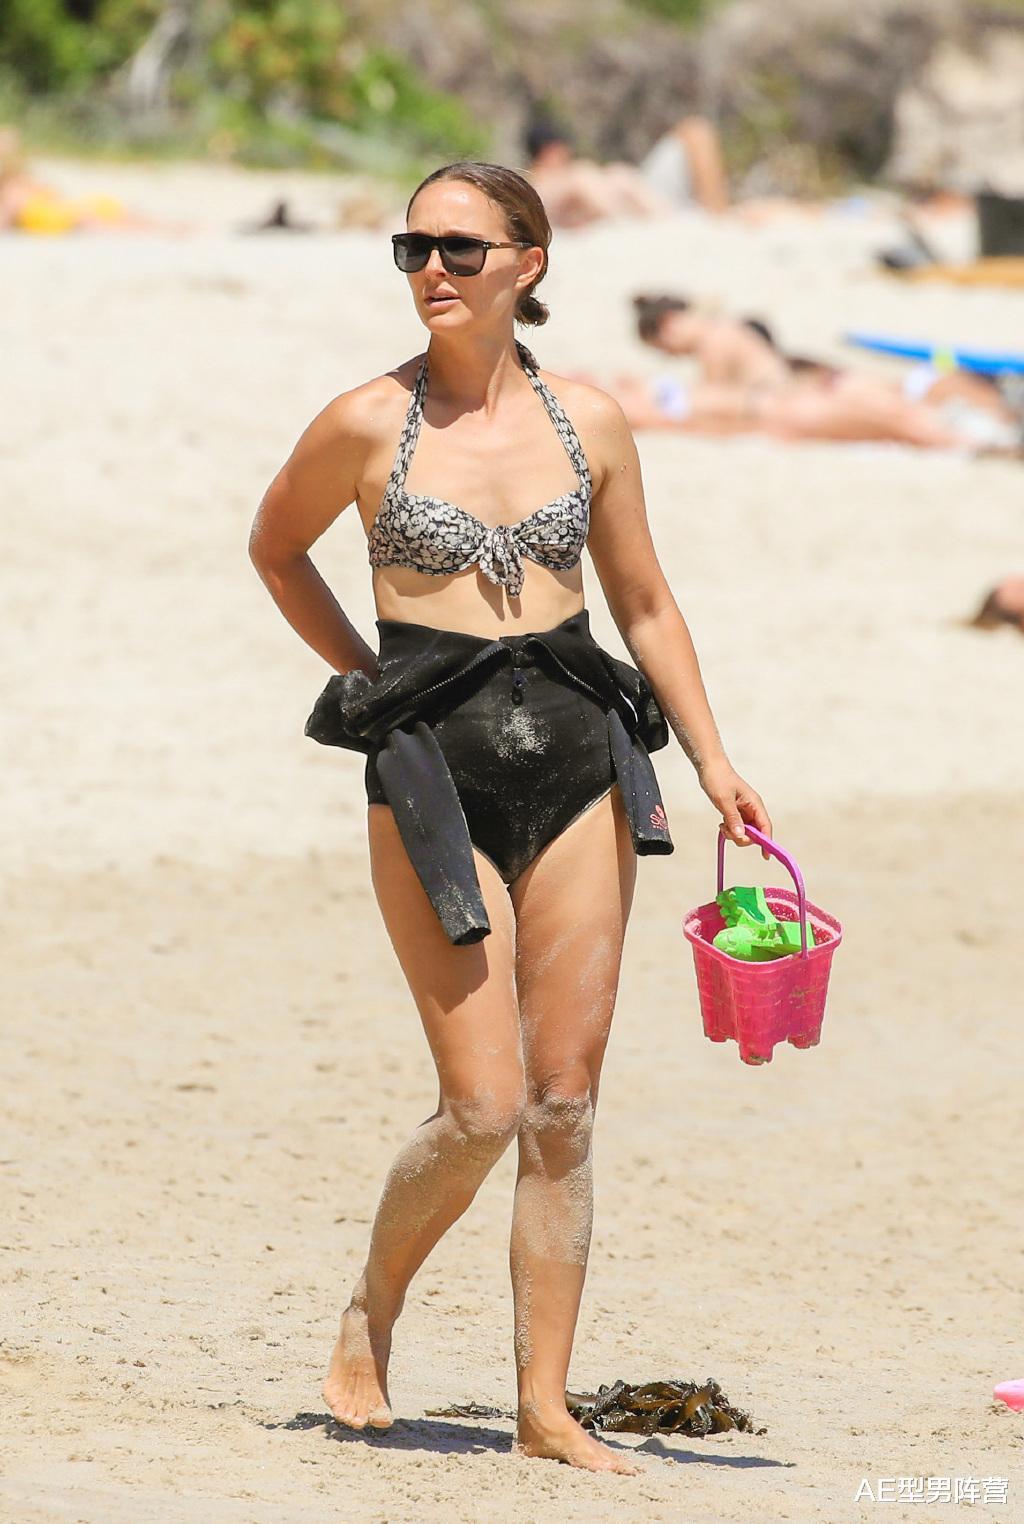 39歲娜塔莉·波特曼到達澳洲開拍《雷神4》!女雷神身材,依舊搶眼-圖5